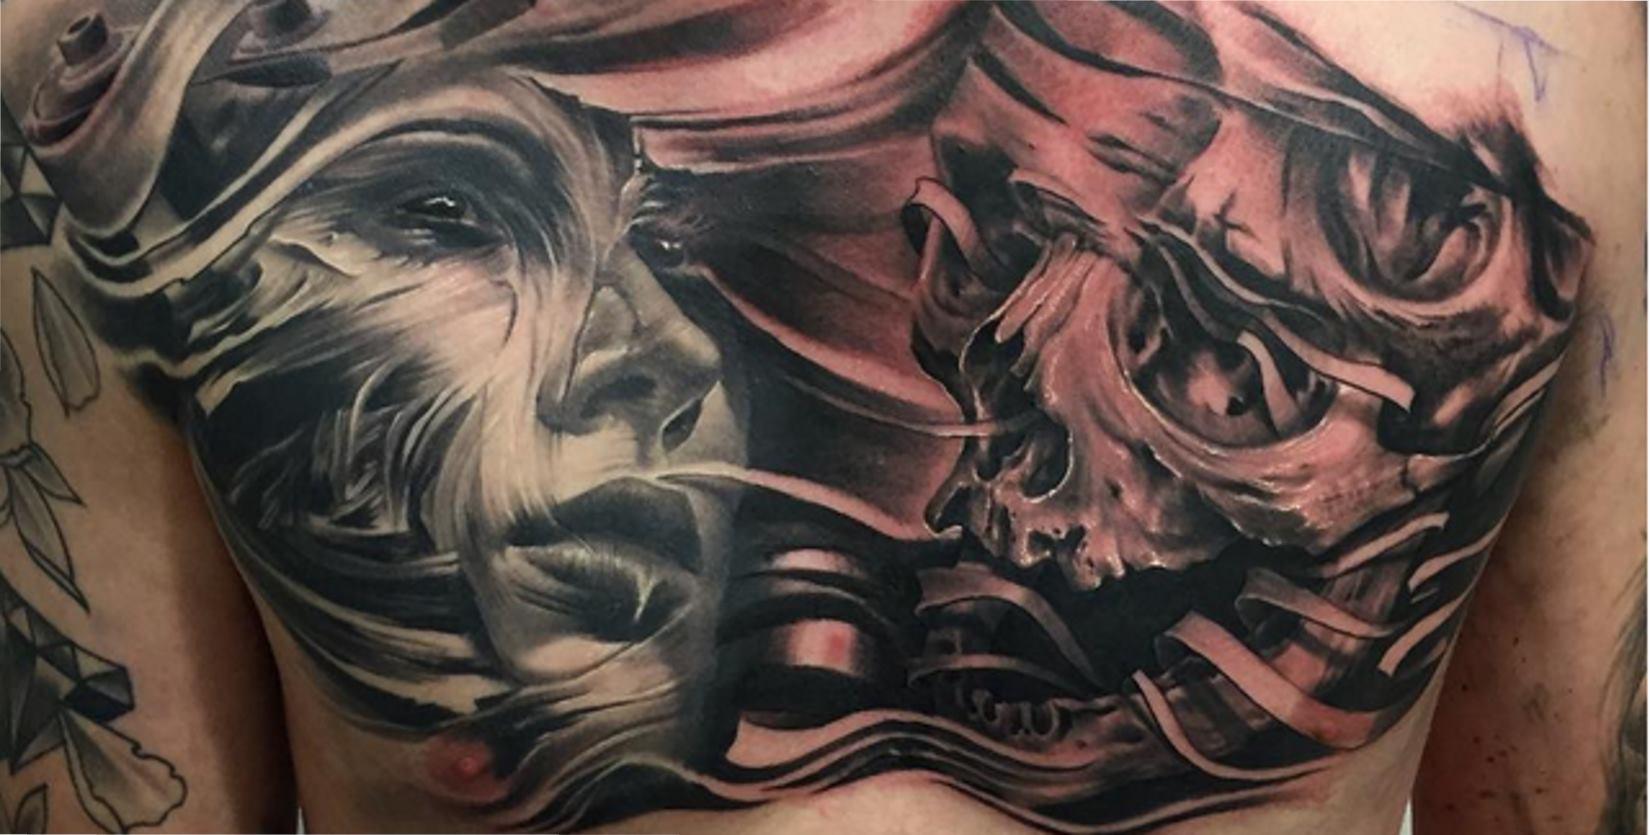 VIDEO: Volite tetovaže? Pogledajte ove majstorske uratke…